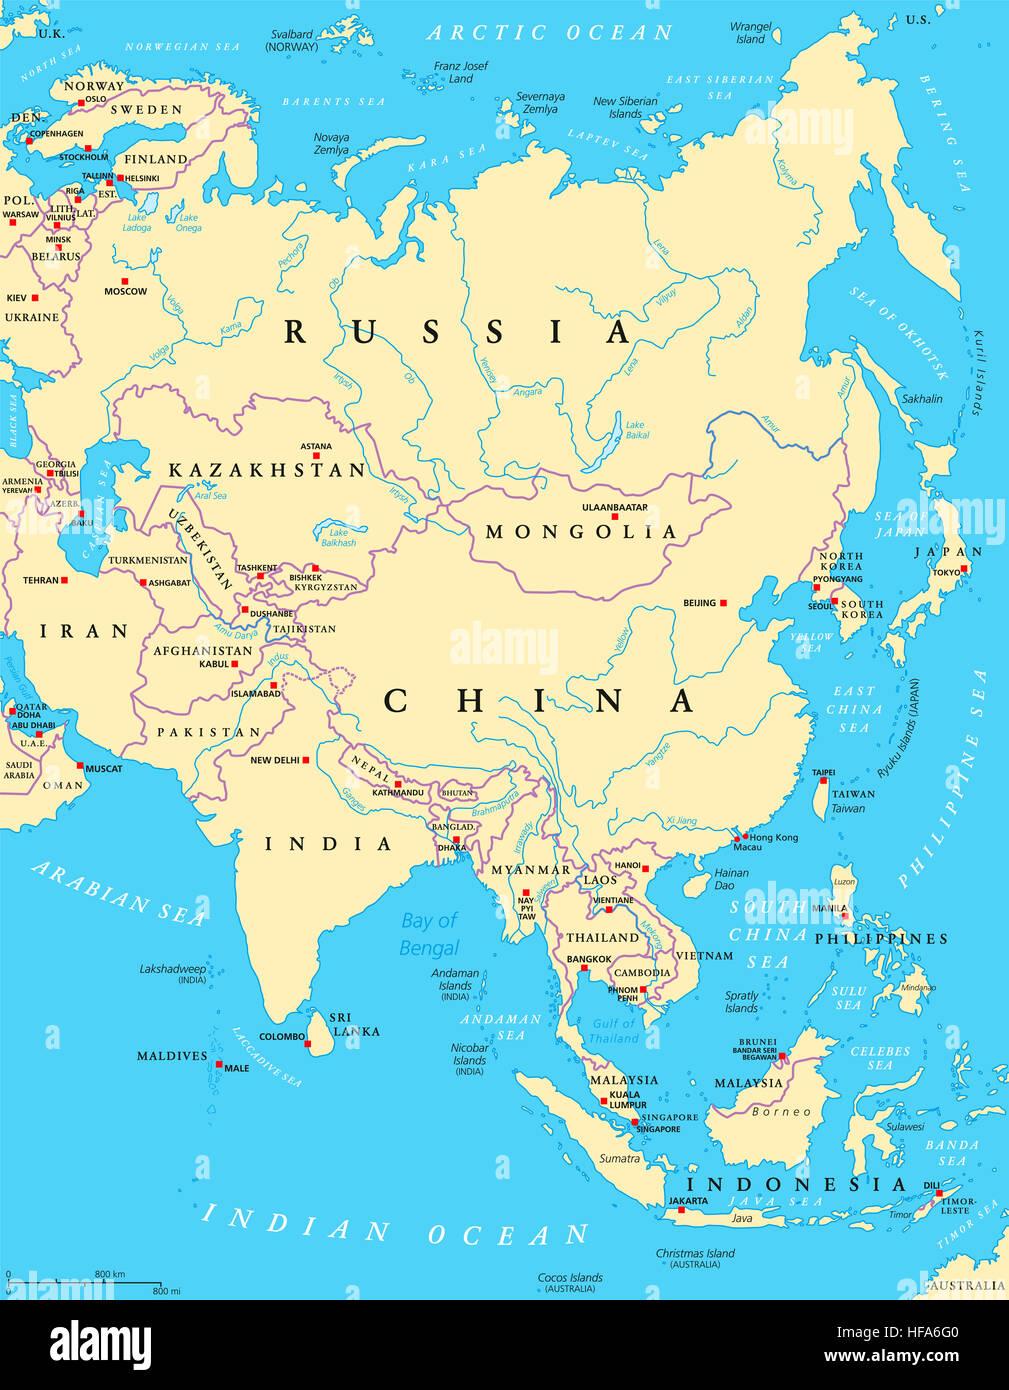 Stumme Karte Asien Lander Hauptstadte.Asien Politische Karte Mit Hauptstadten Landergrenzen